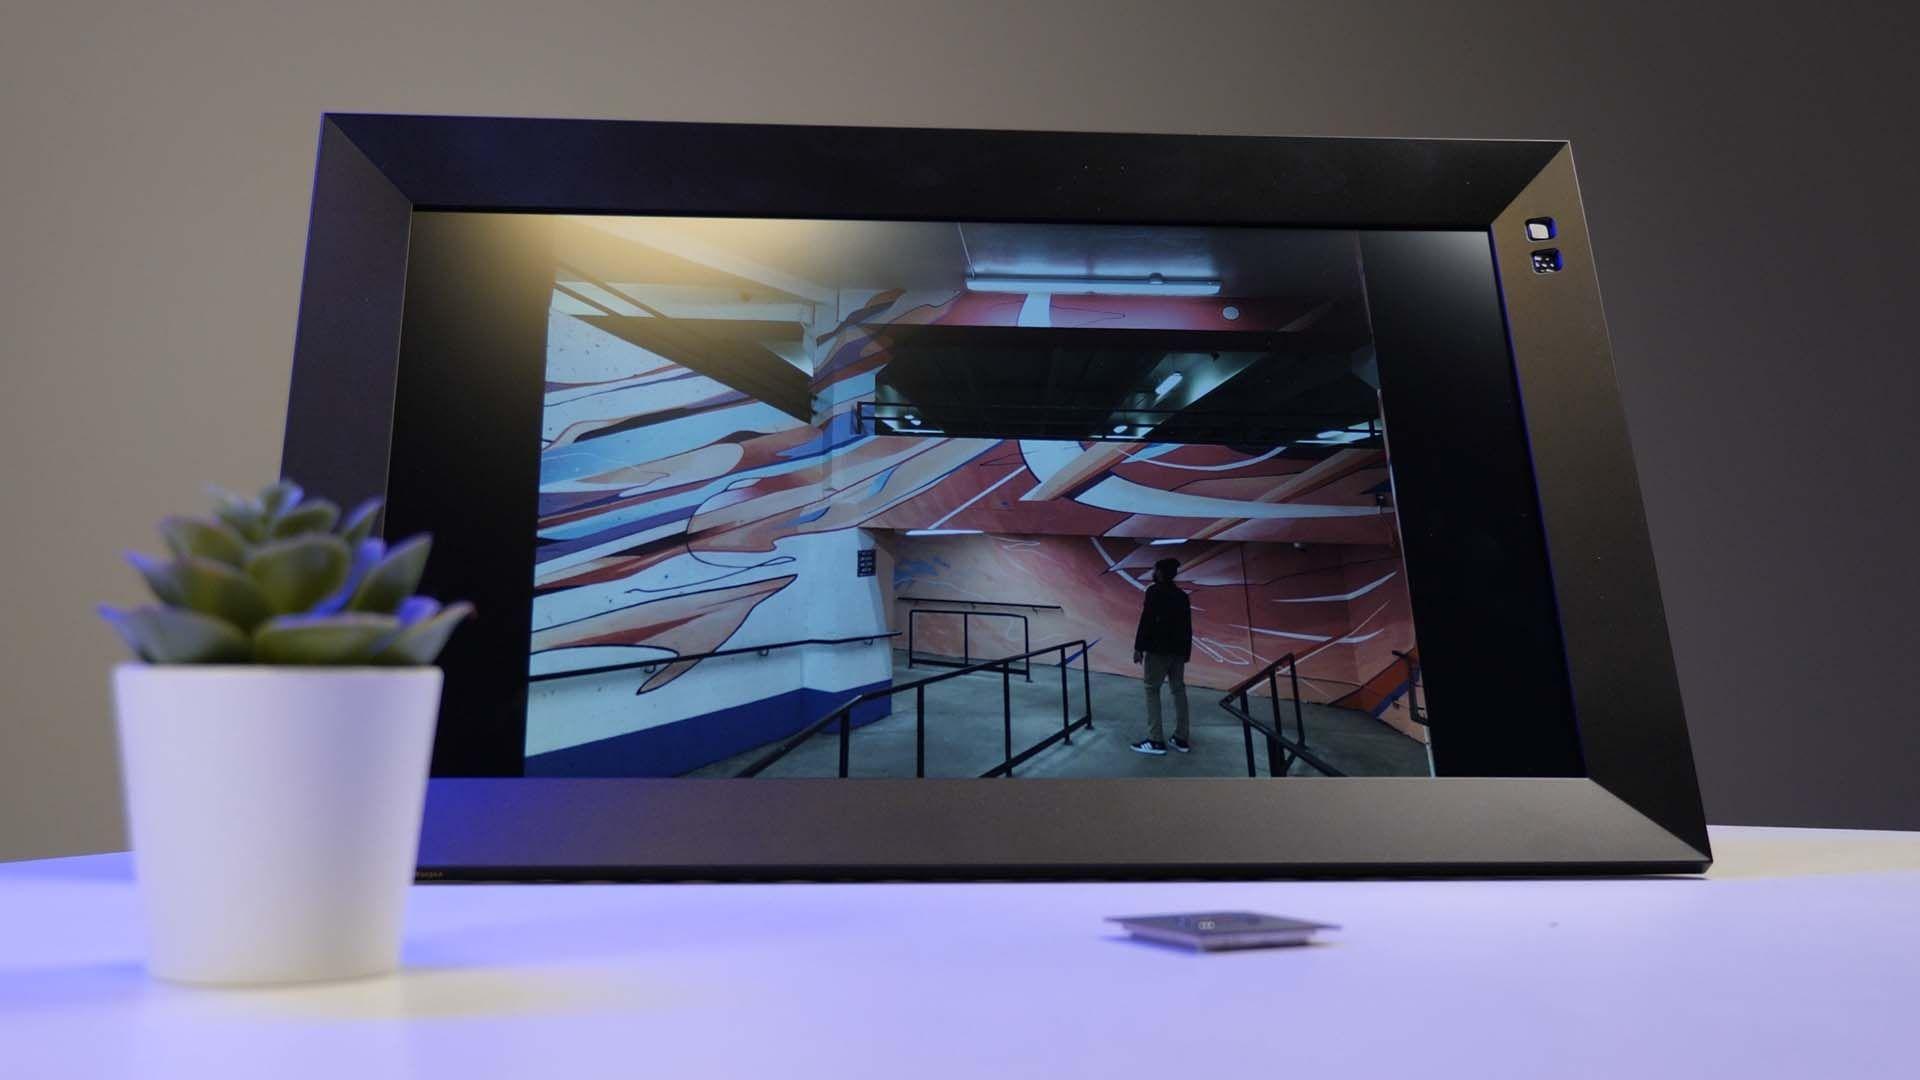 Nixplay N Main - Nixplay N Smart Photo Frame Review